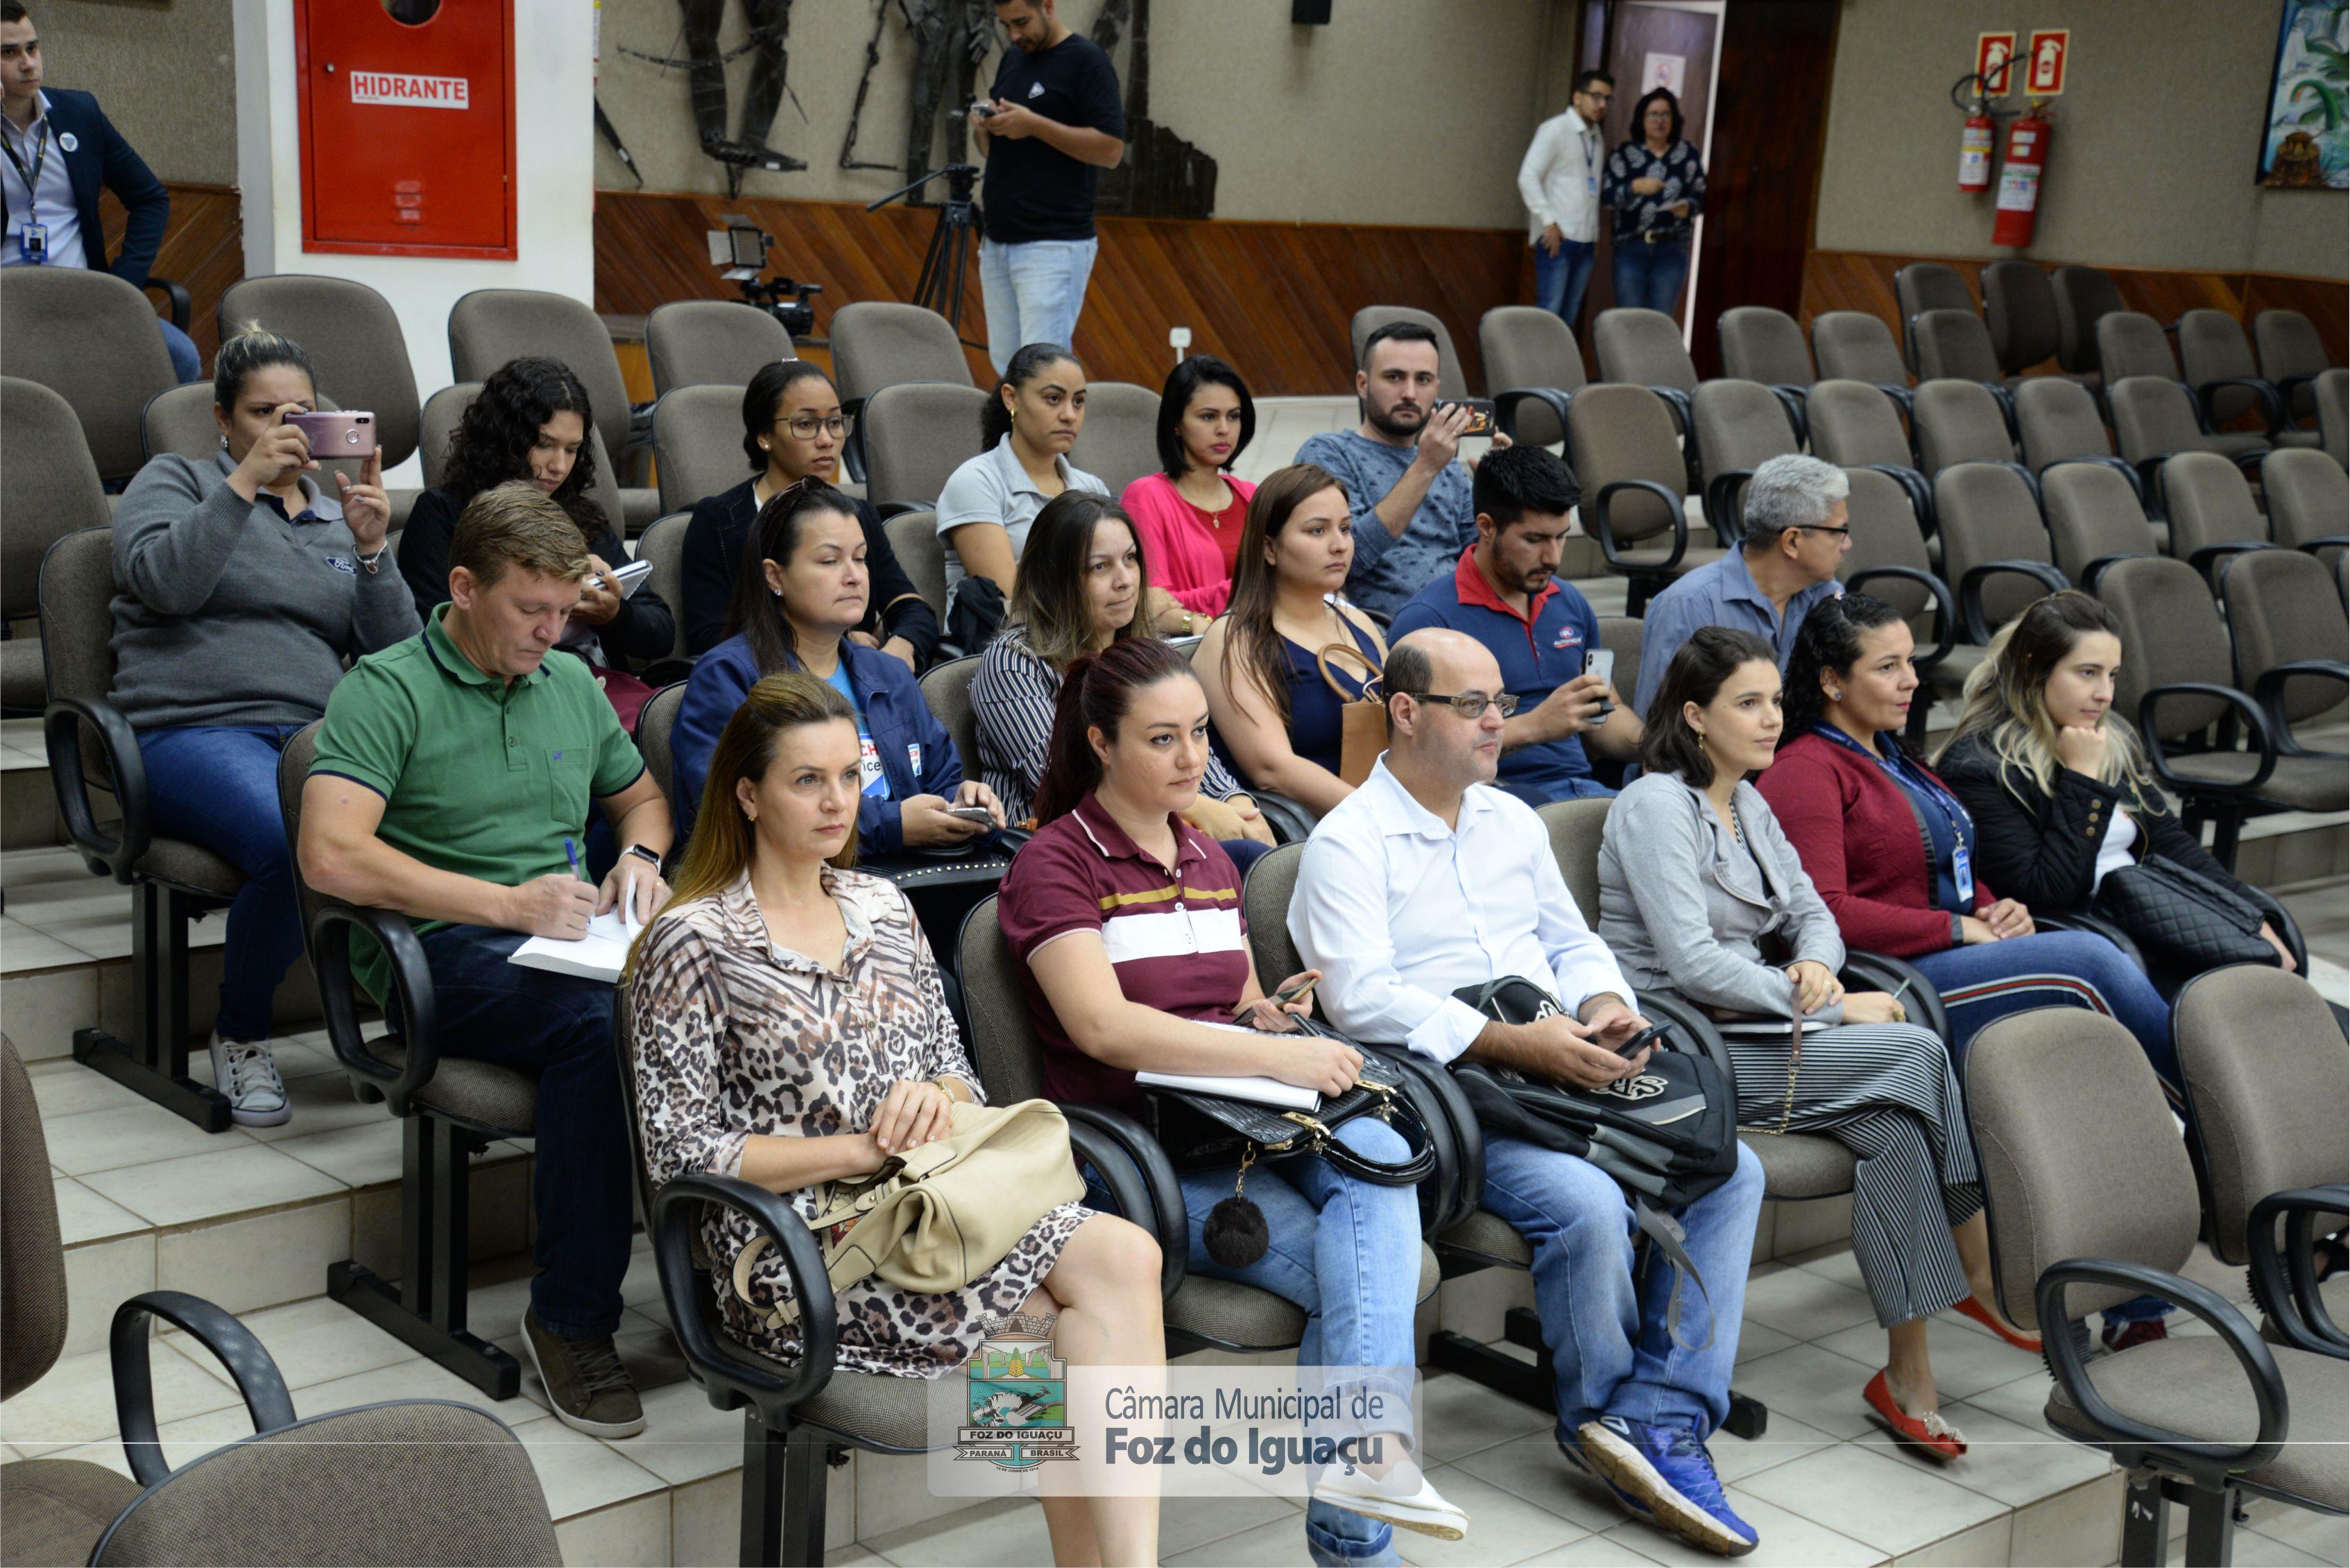 Alunos do curso técnico em Administração do Instituto Federal do Paraná visitam a Câmara Municipal de Foz do Iguaçu - 08-08 (04)